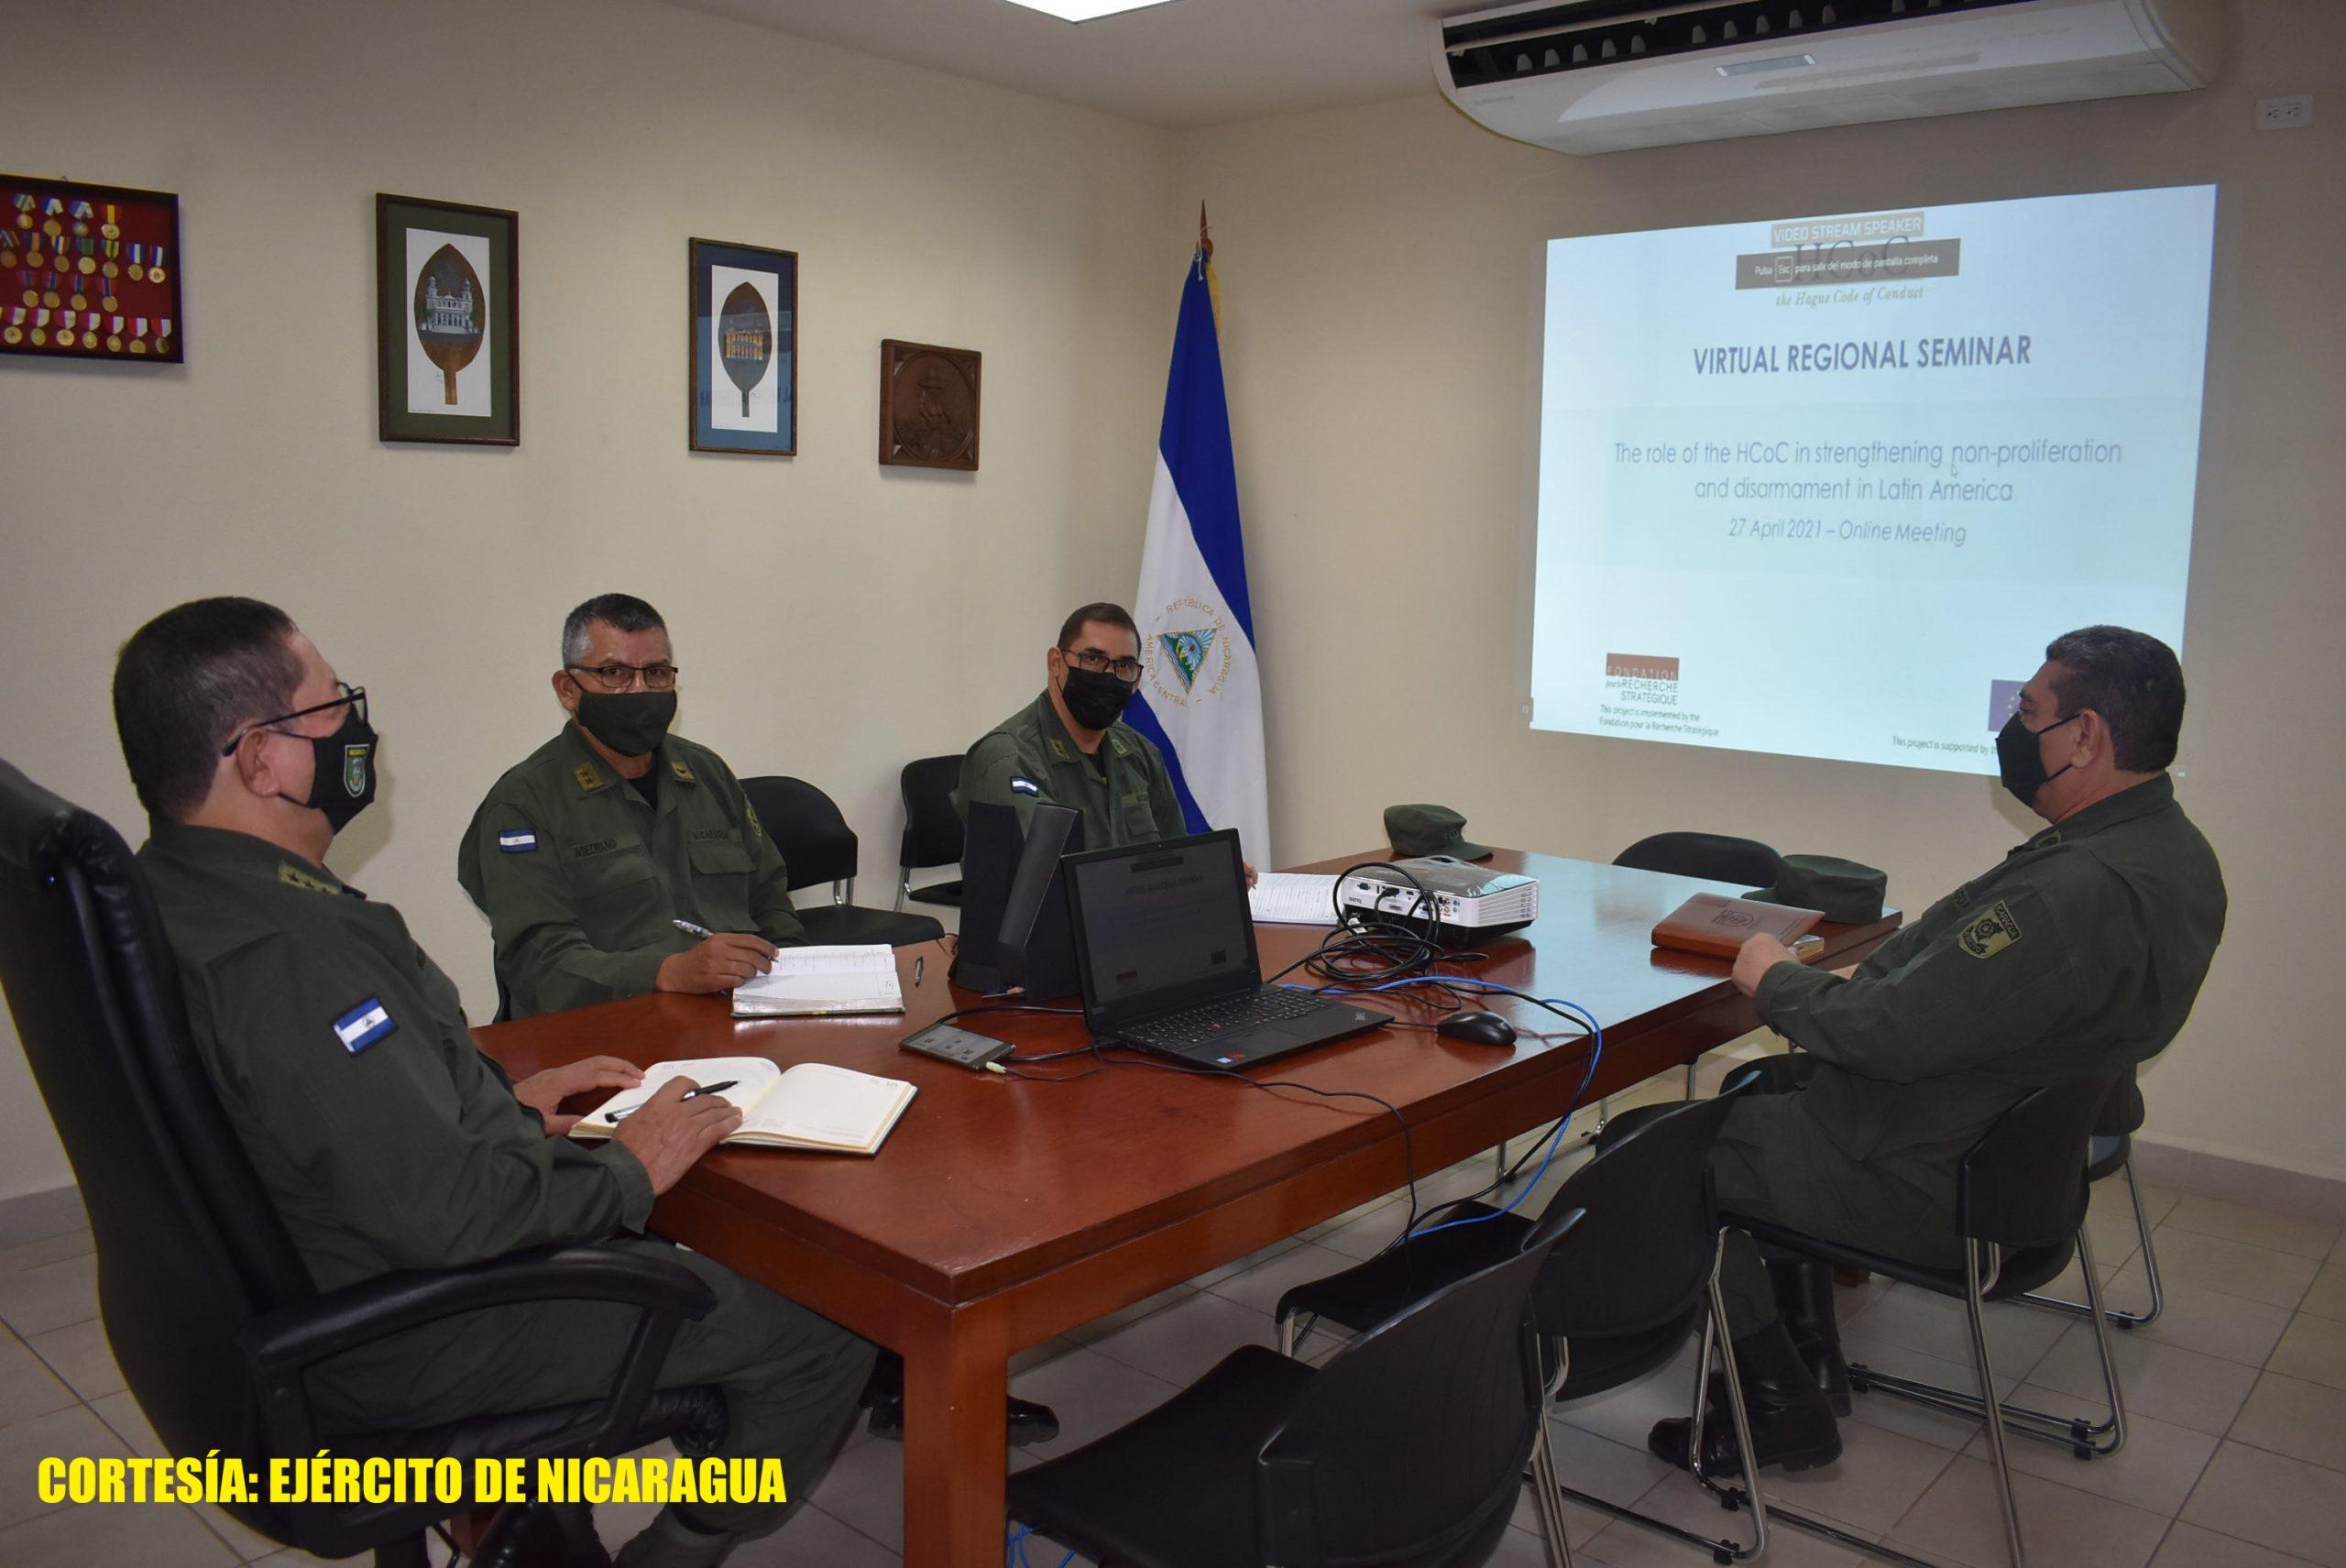 Militares en seminario sobre riesgos de proliferación balística Managua. Radio La Primerísima